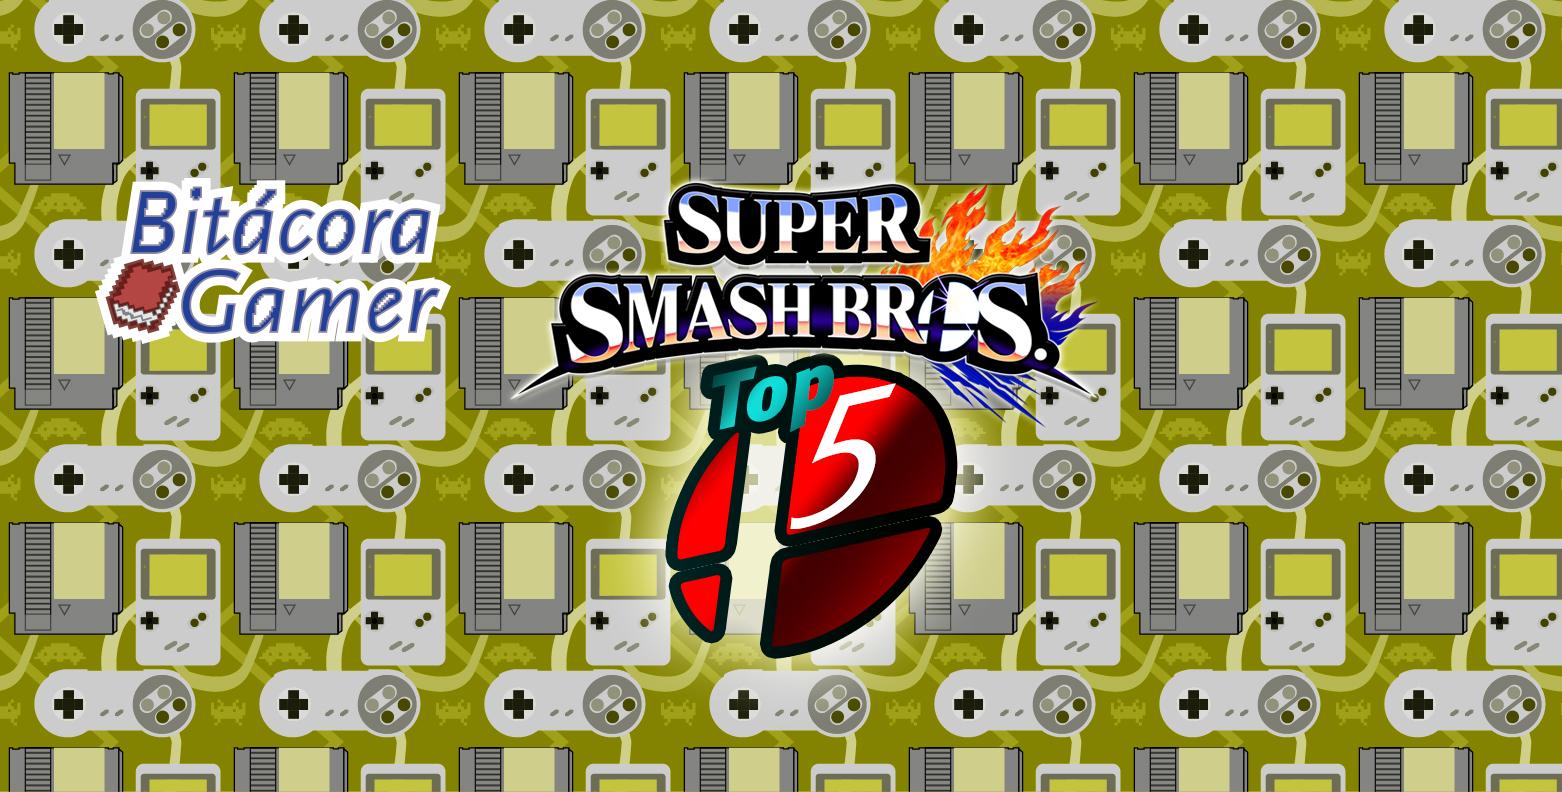 Mis 5 Personajes Favoritos de Smash Bros